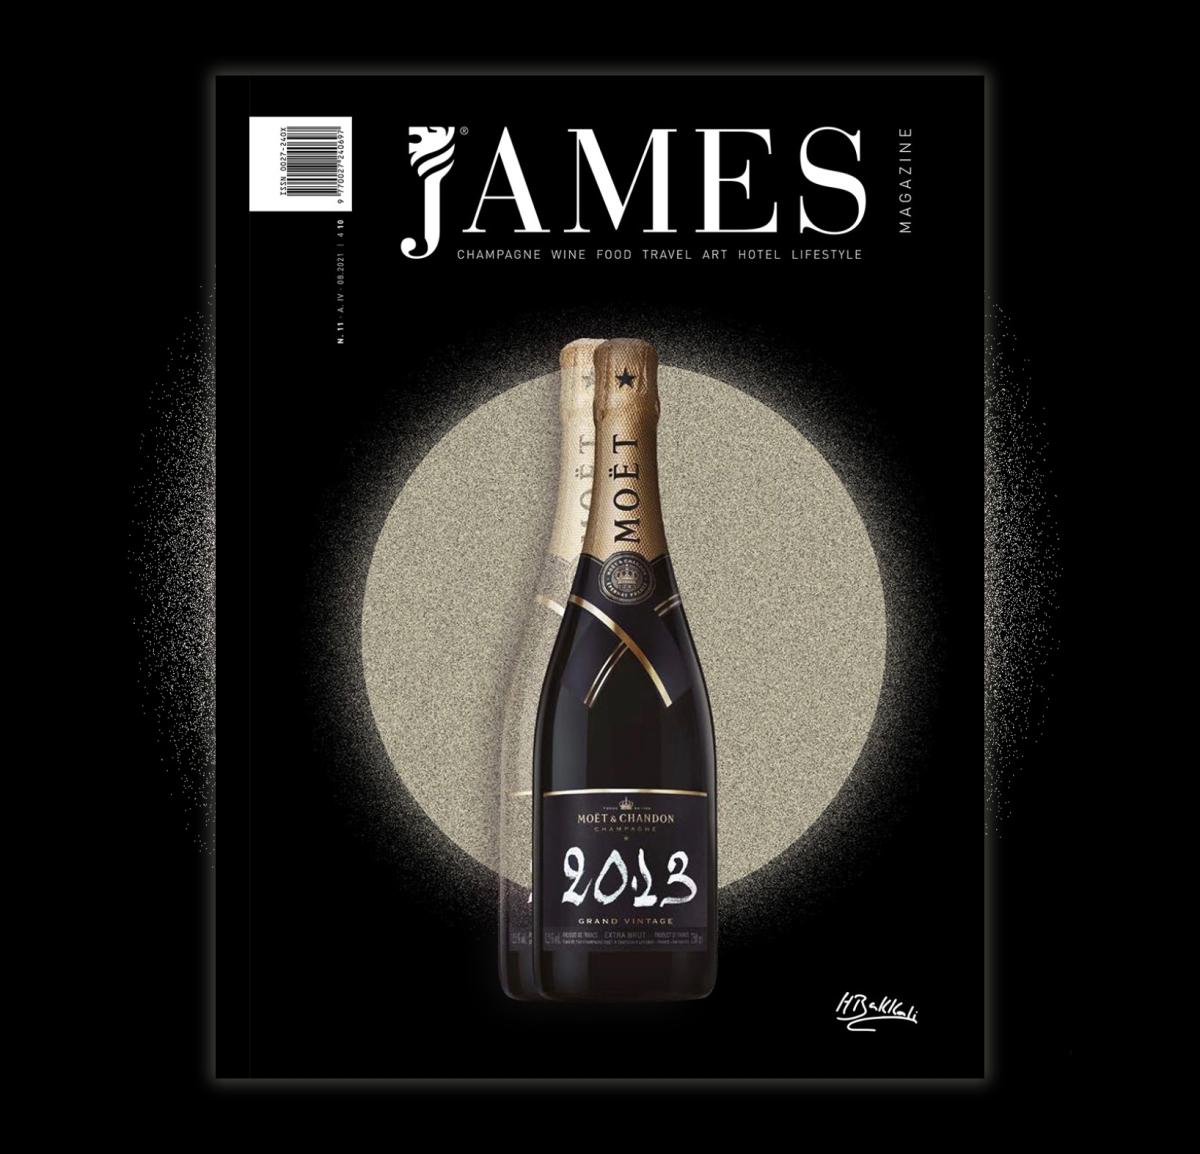 Houda Bakkali firma la portada de Moët & Chandon para JamesMagazine